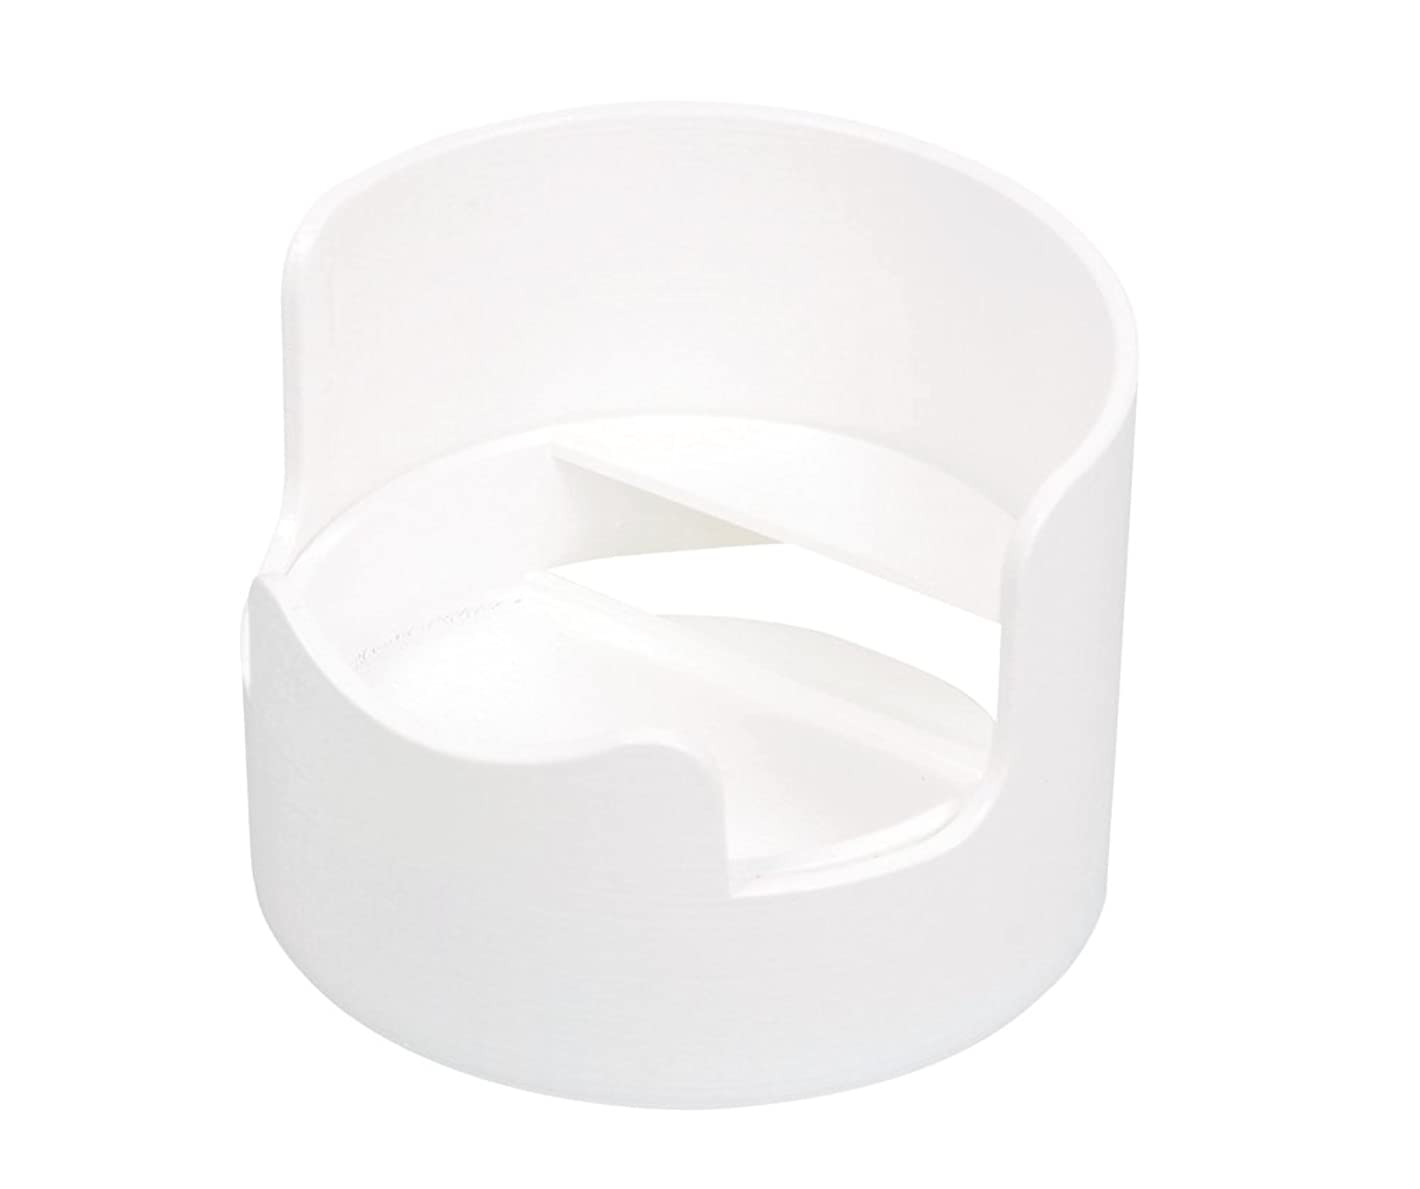 頬骨市の花噛むパール金属 モデルノ ツールスタンド ホワイト 【日本製】 HB-2506